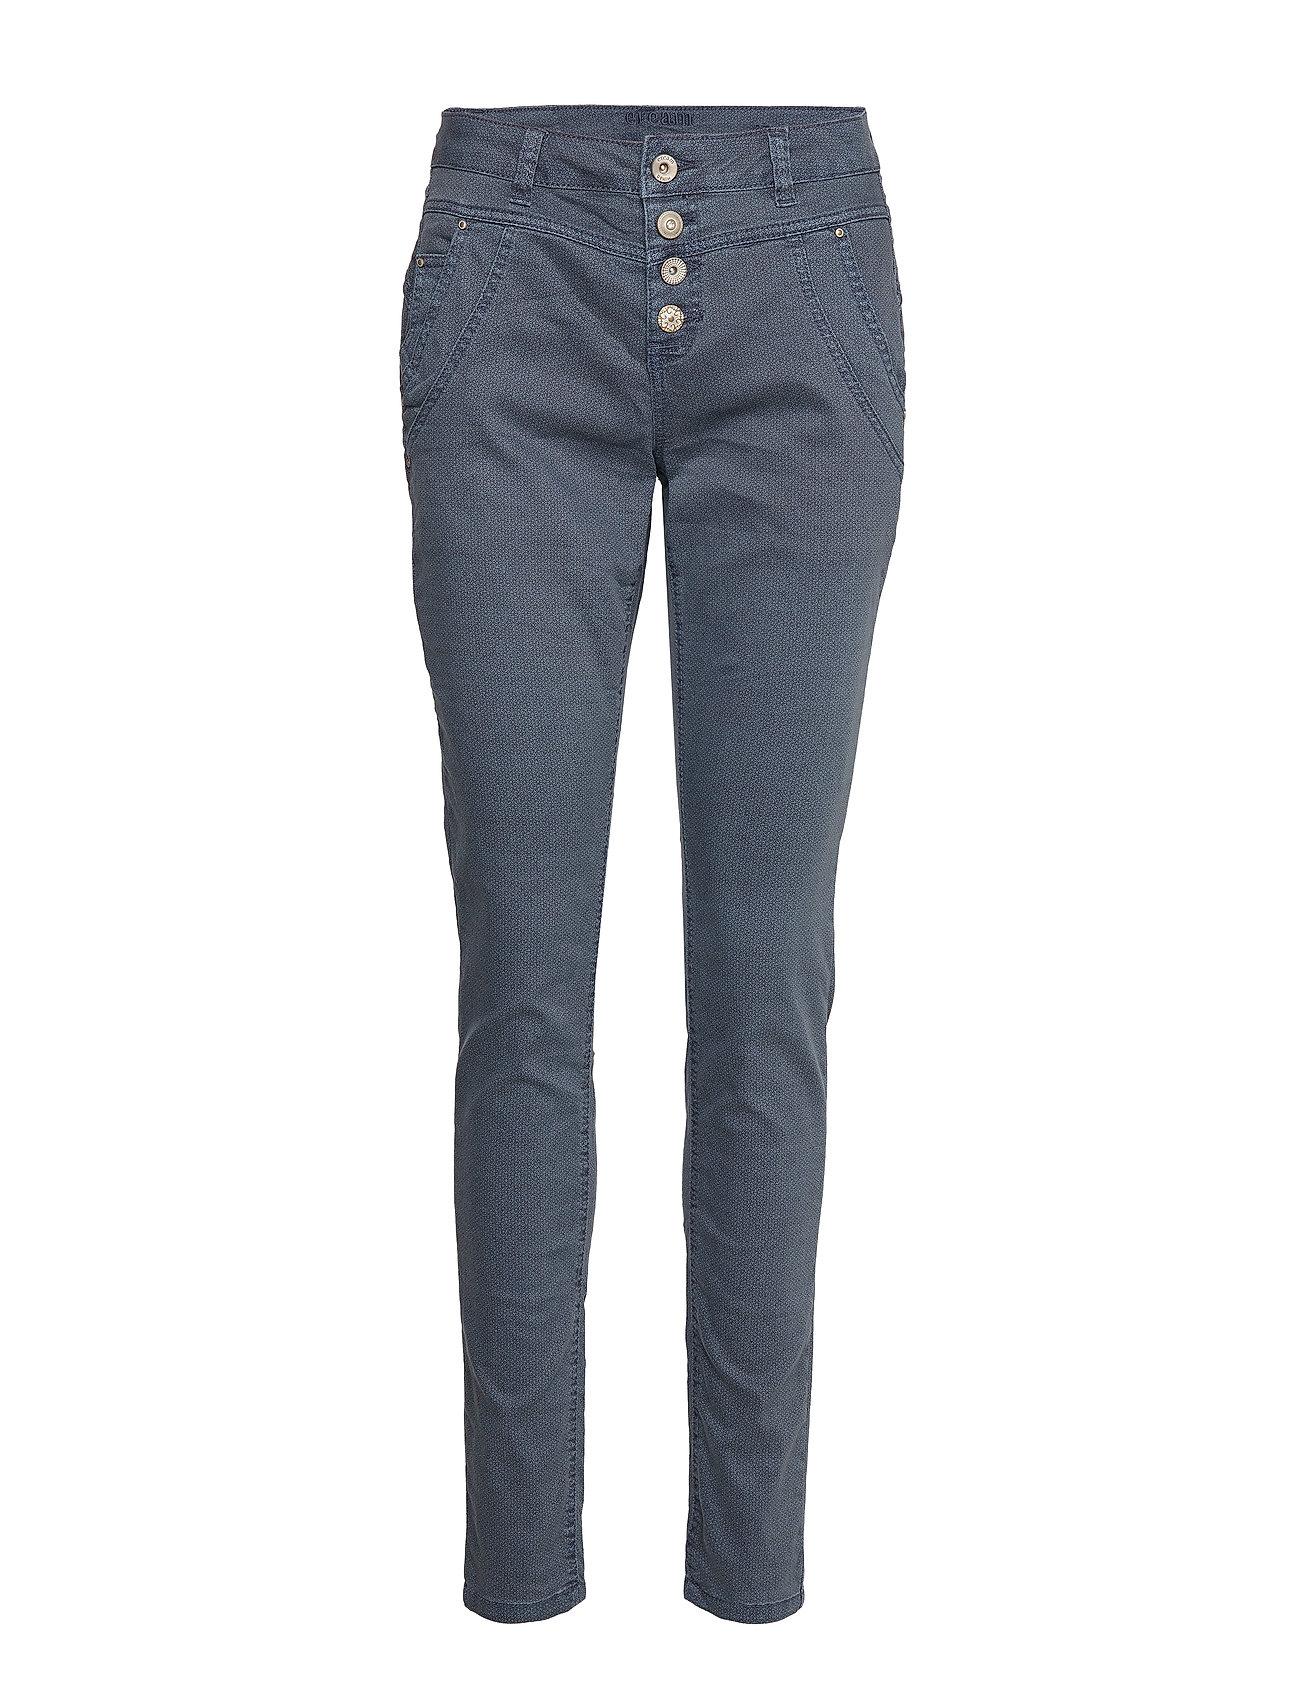 Cream Vivi Pants Baiily fit - WARM BLUE